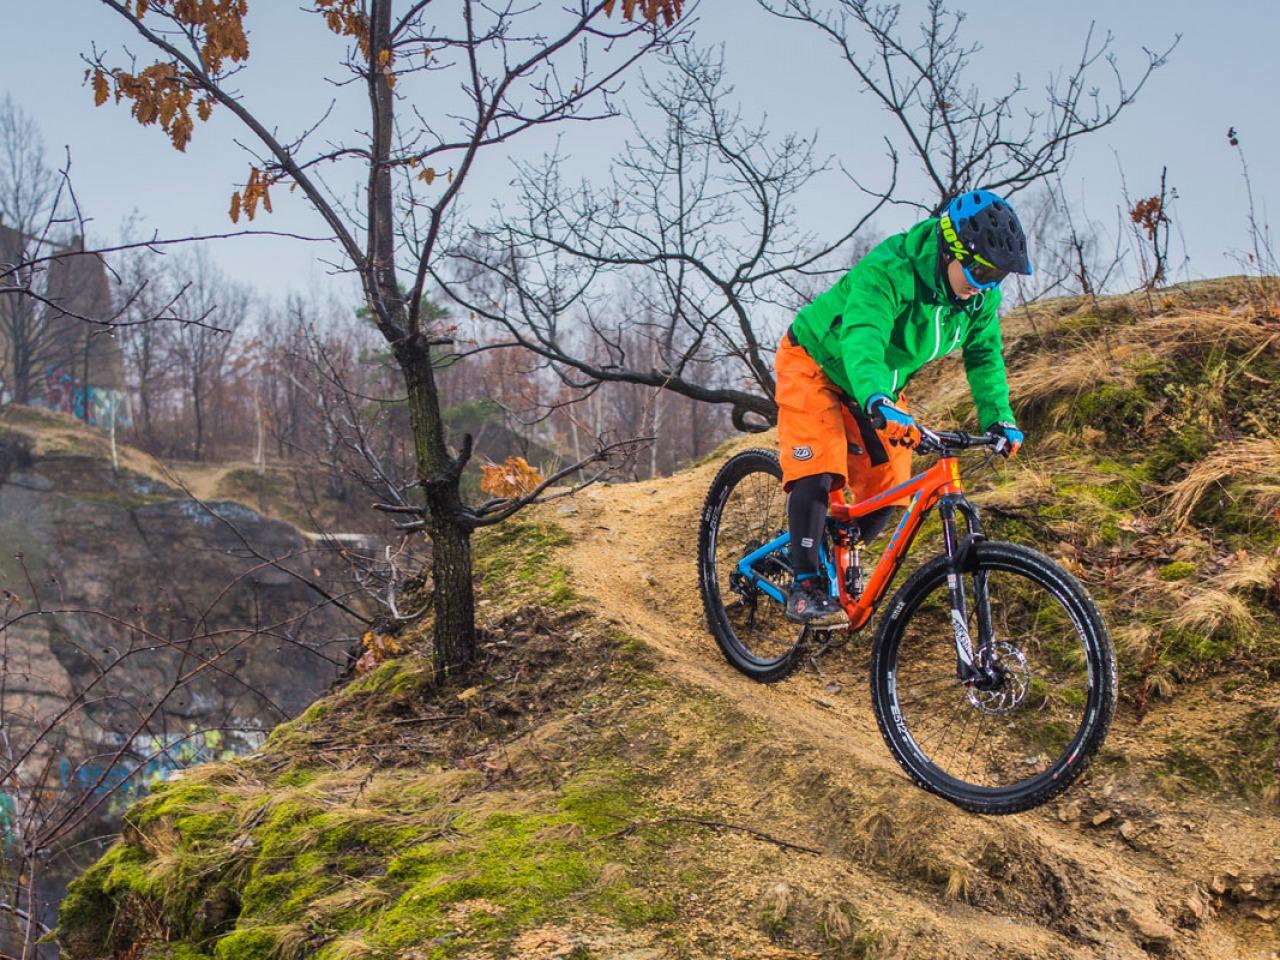 BMC Trailfox 03 – First Ride